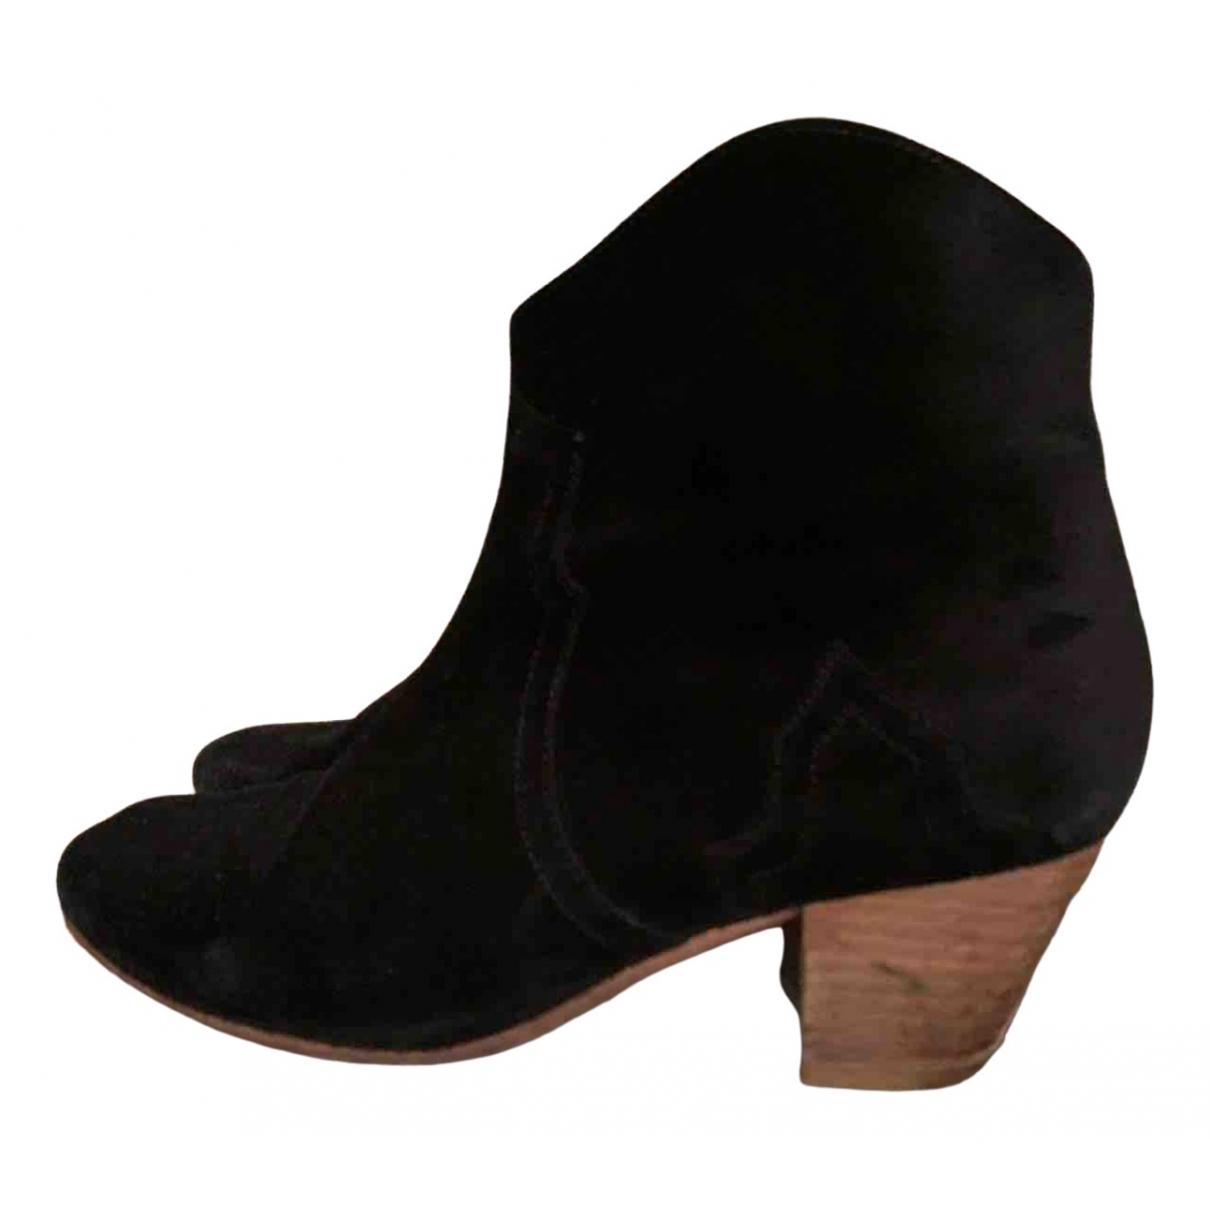 Isabel Marant - Boots Dicker pour femme en suede - noir